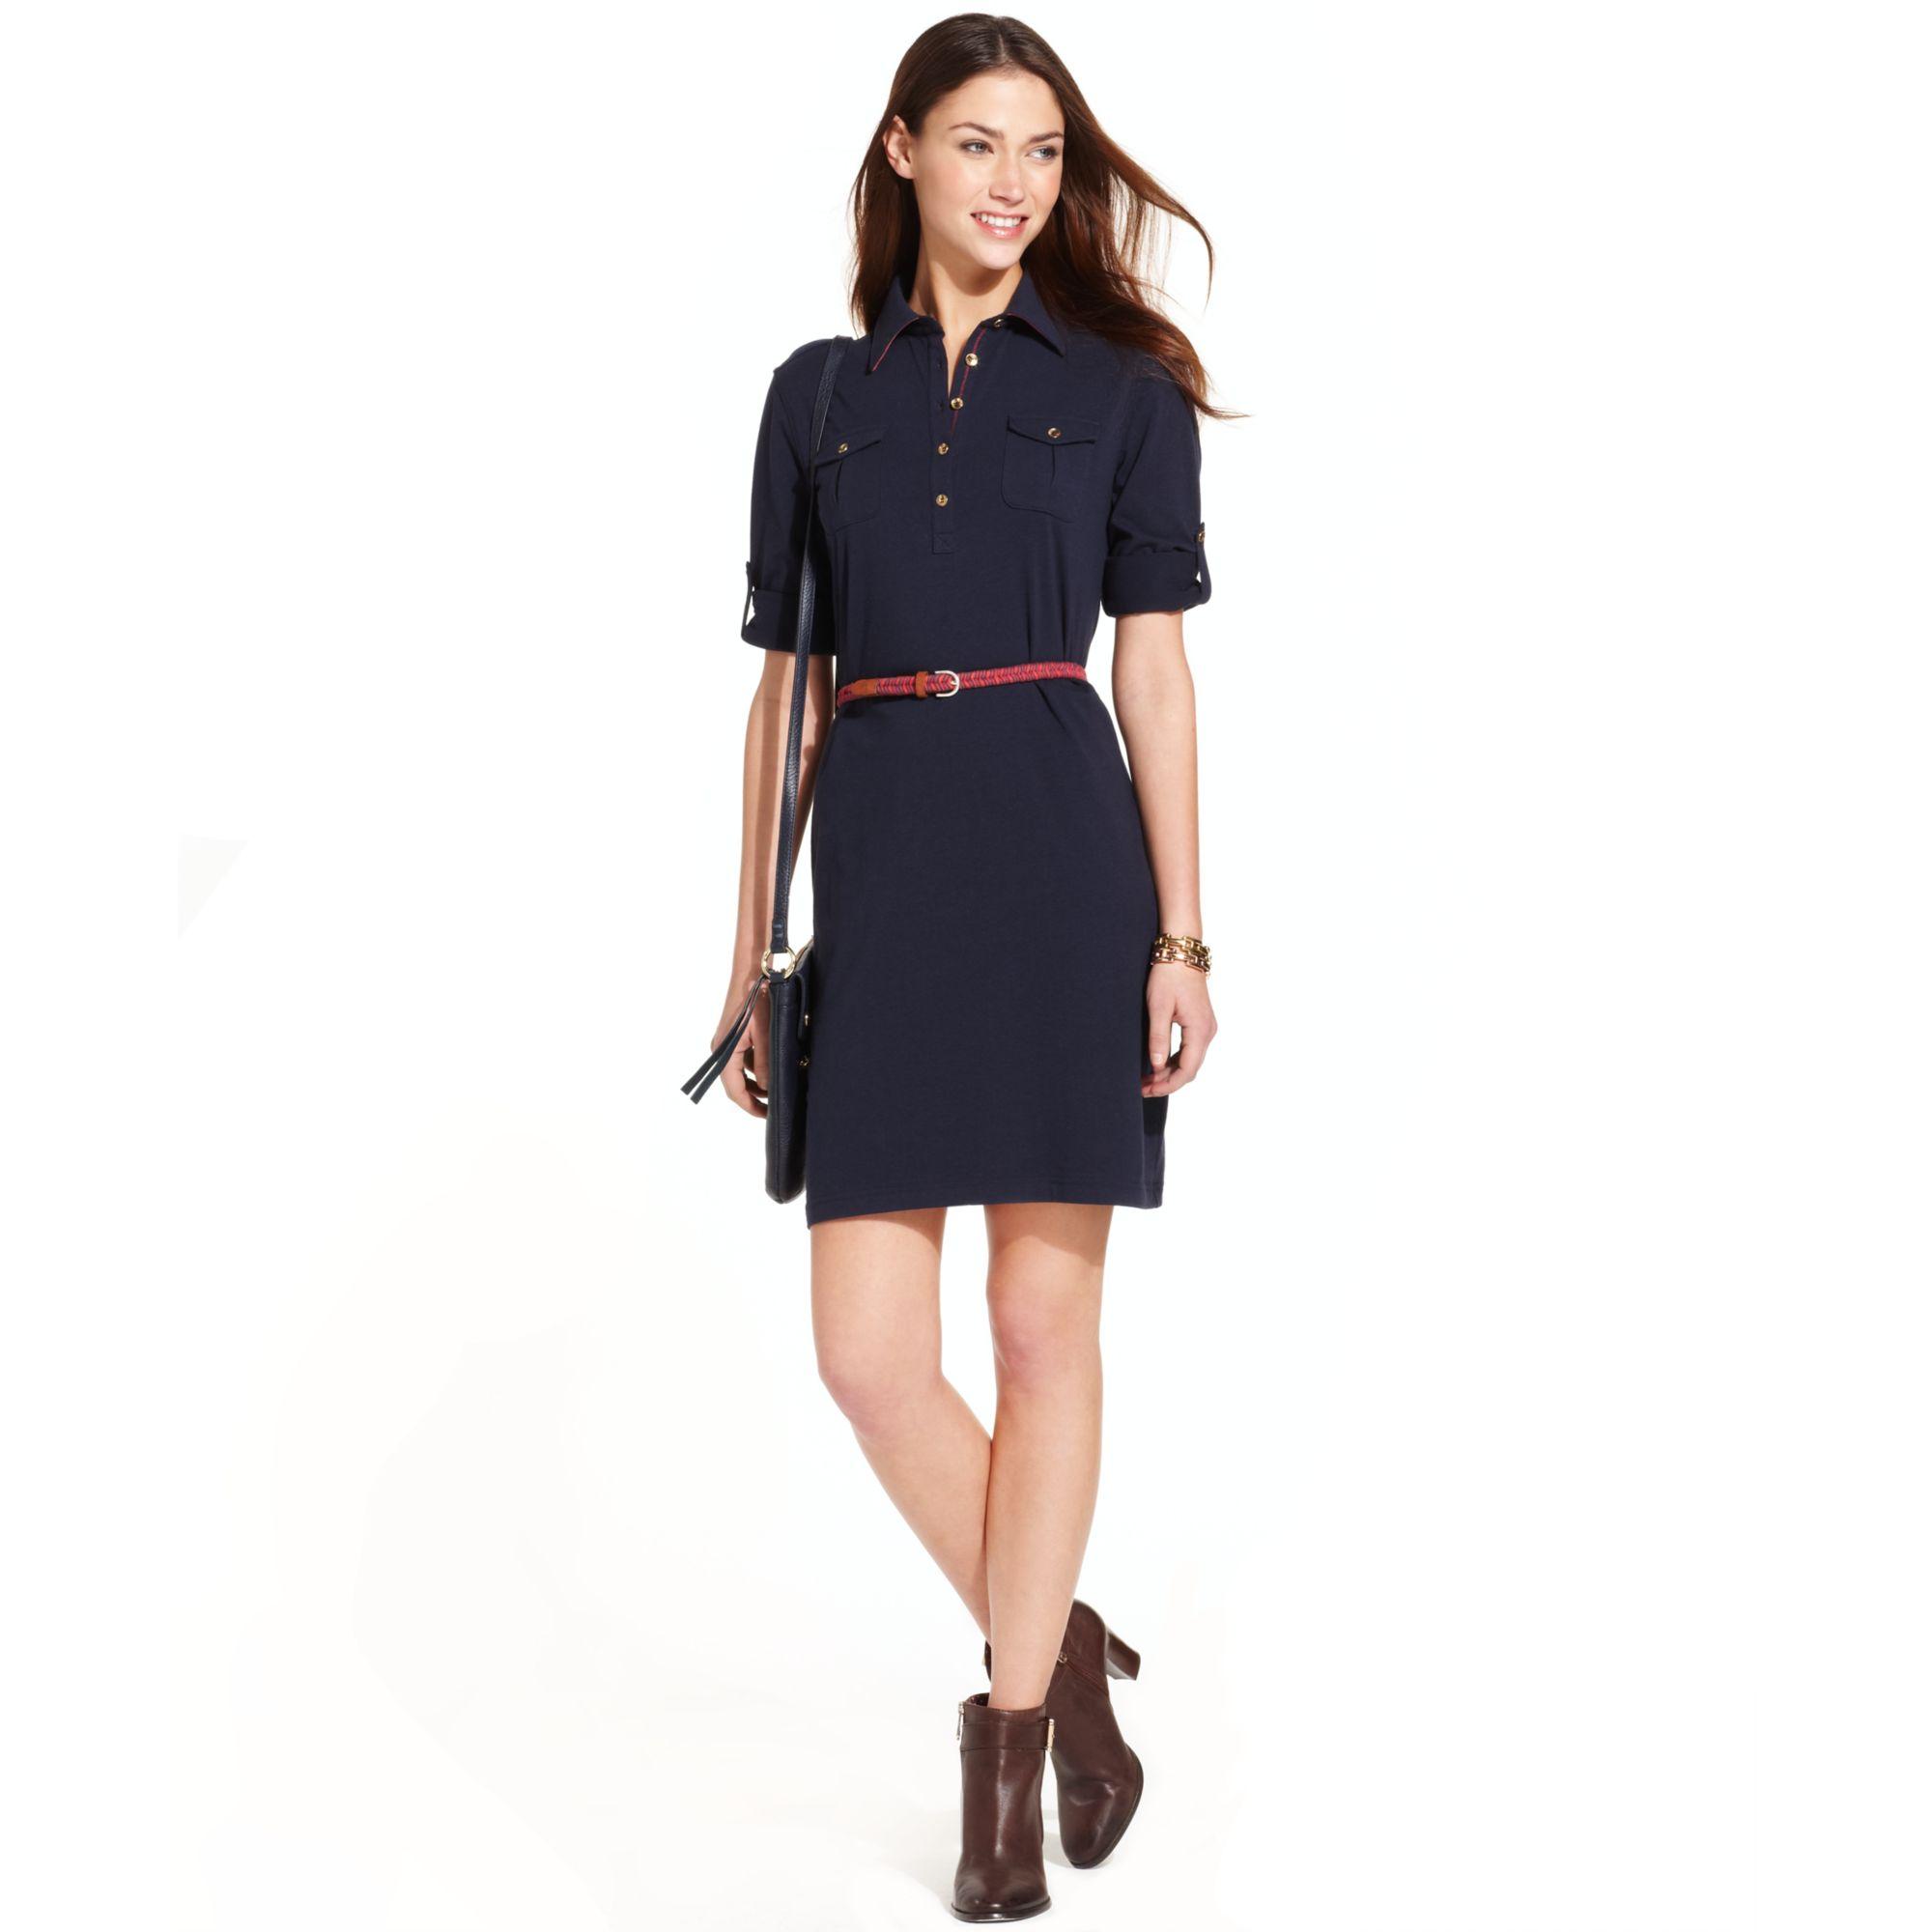 Ralph Lauren Womens Polo Shirts Cheap